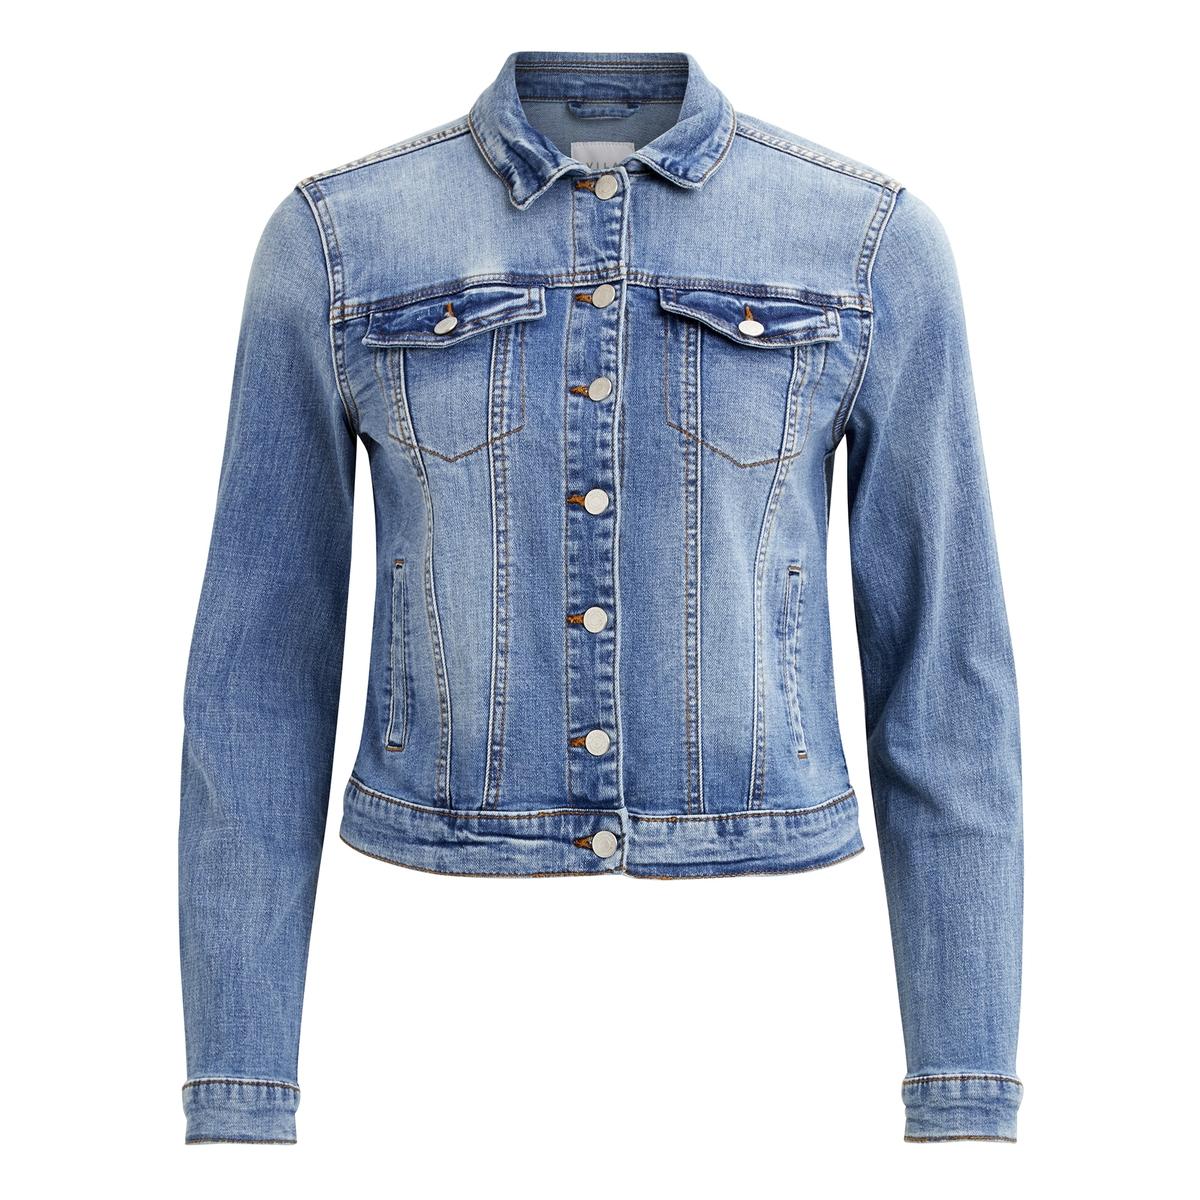 Жакет джинсовый прямого покрояОписание:Детали • Джинсовая ткань •  Прямой покрой •  Воротник-поло, рубашечныйСостав и уход •  98 % хлопок, 2 % эластан •  Следуйте советам по уходу, указанным на этикетке<br><br>Цвет: синий стираный